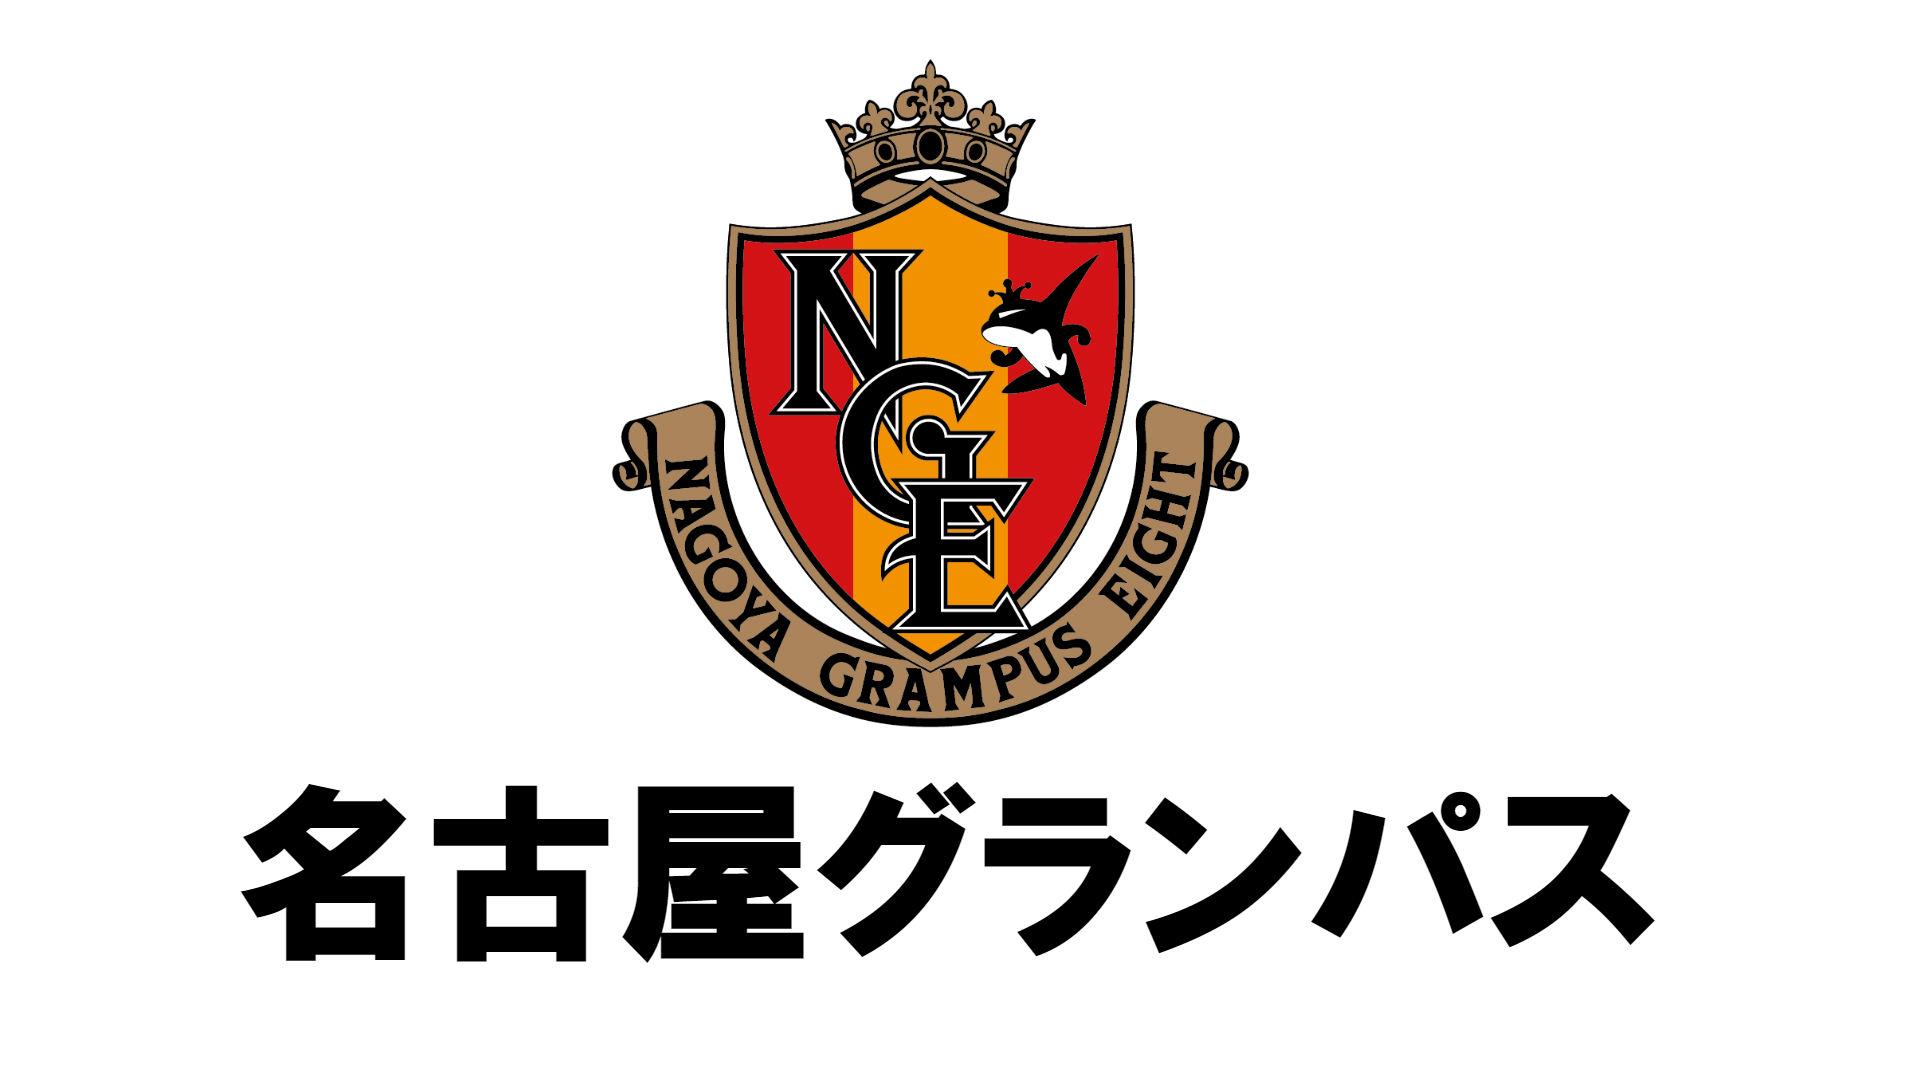 名古屋グランパス.jpg